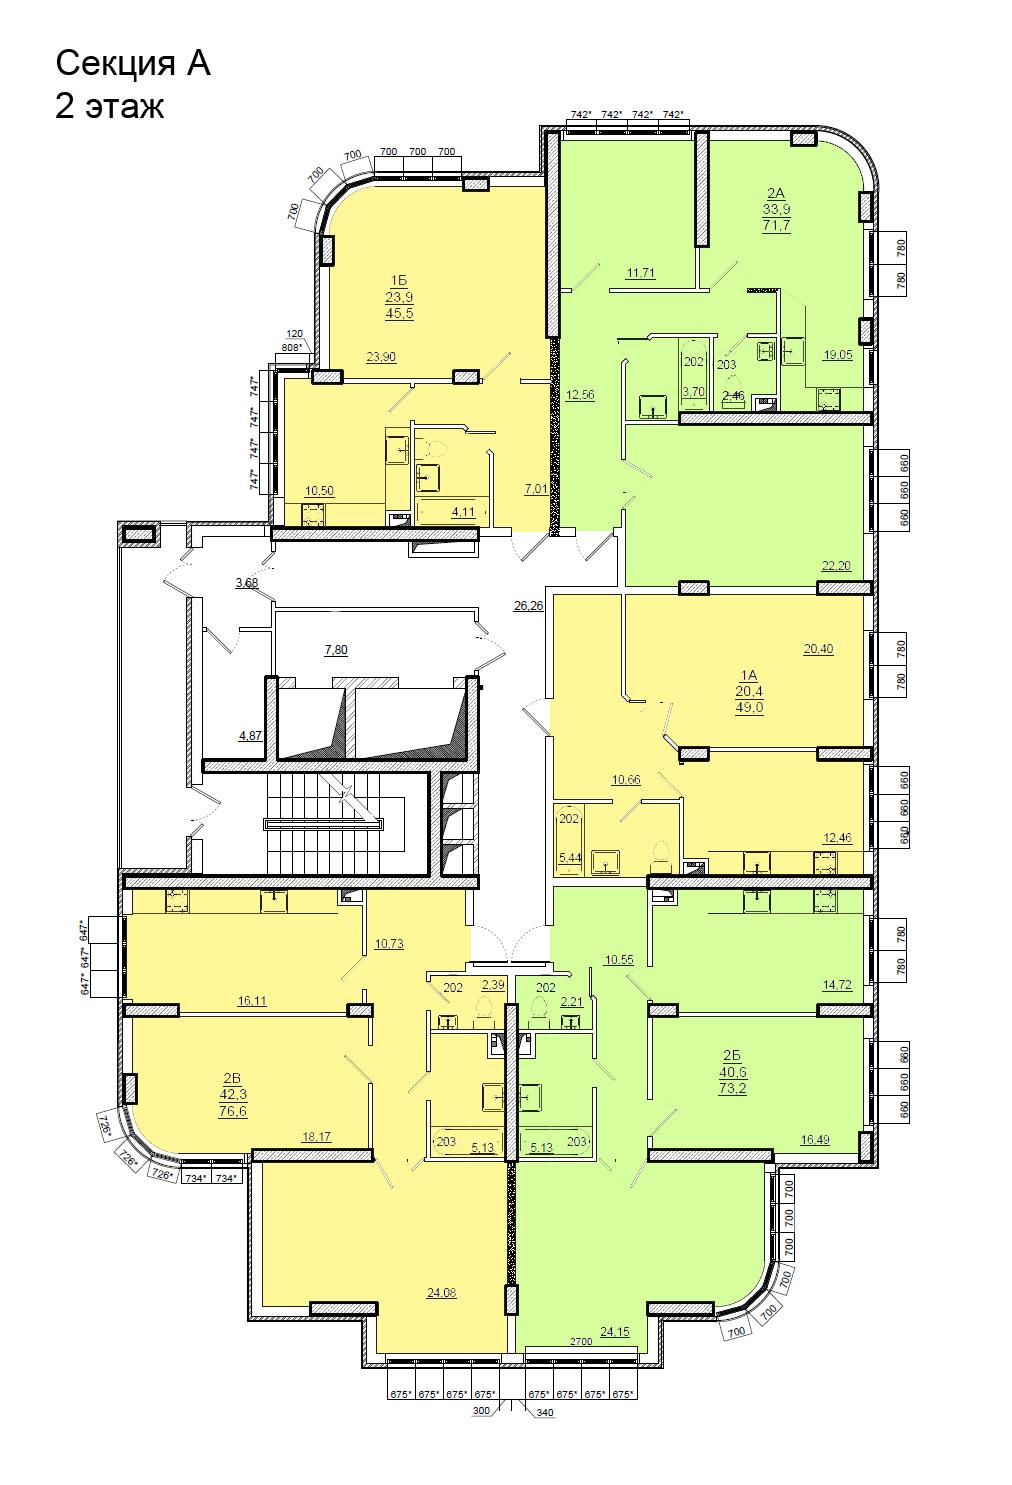 Планировки ЖК Люксембург Стикон секция А, этаж 2